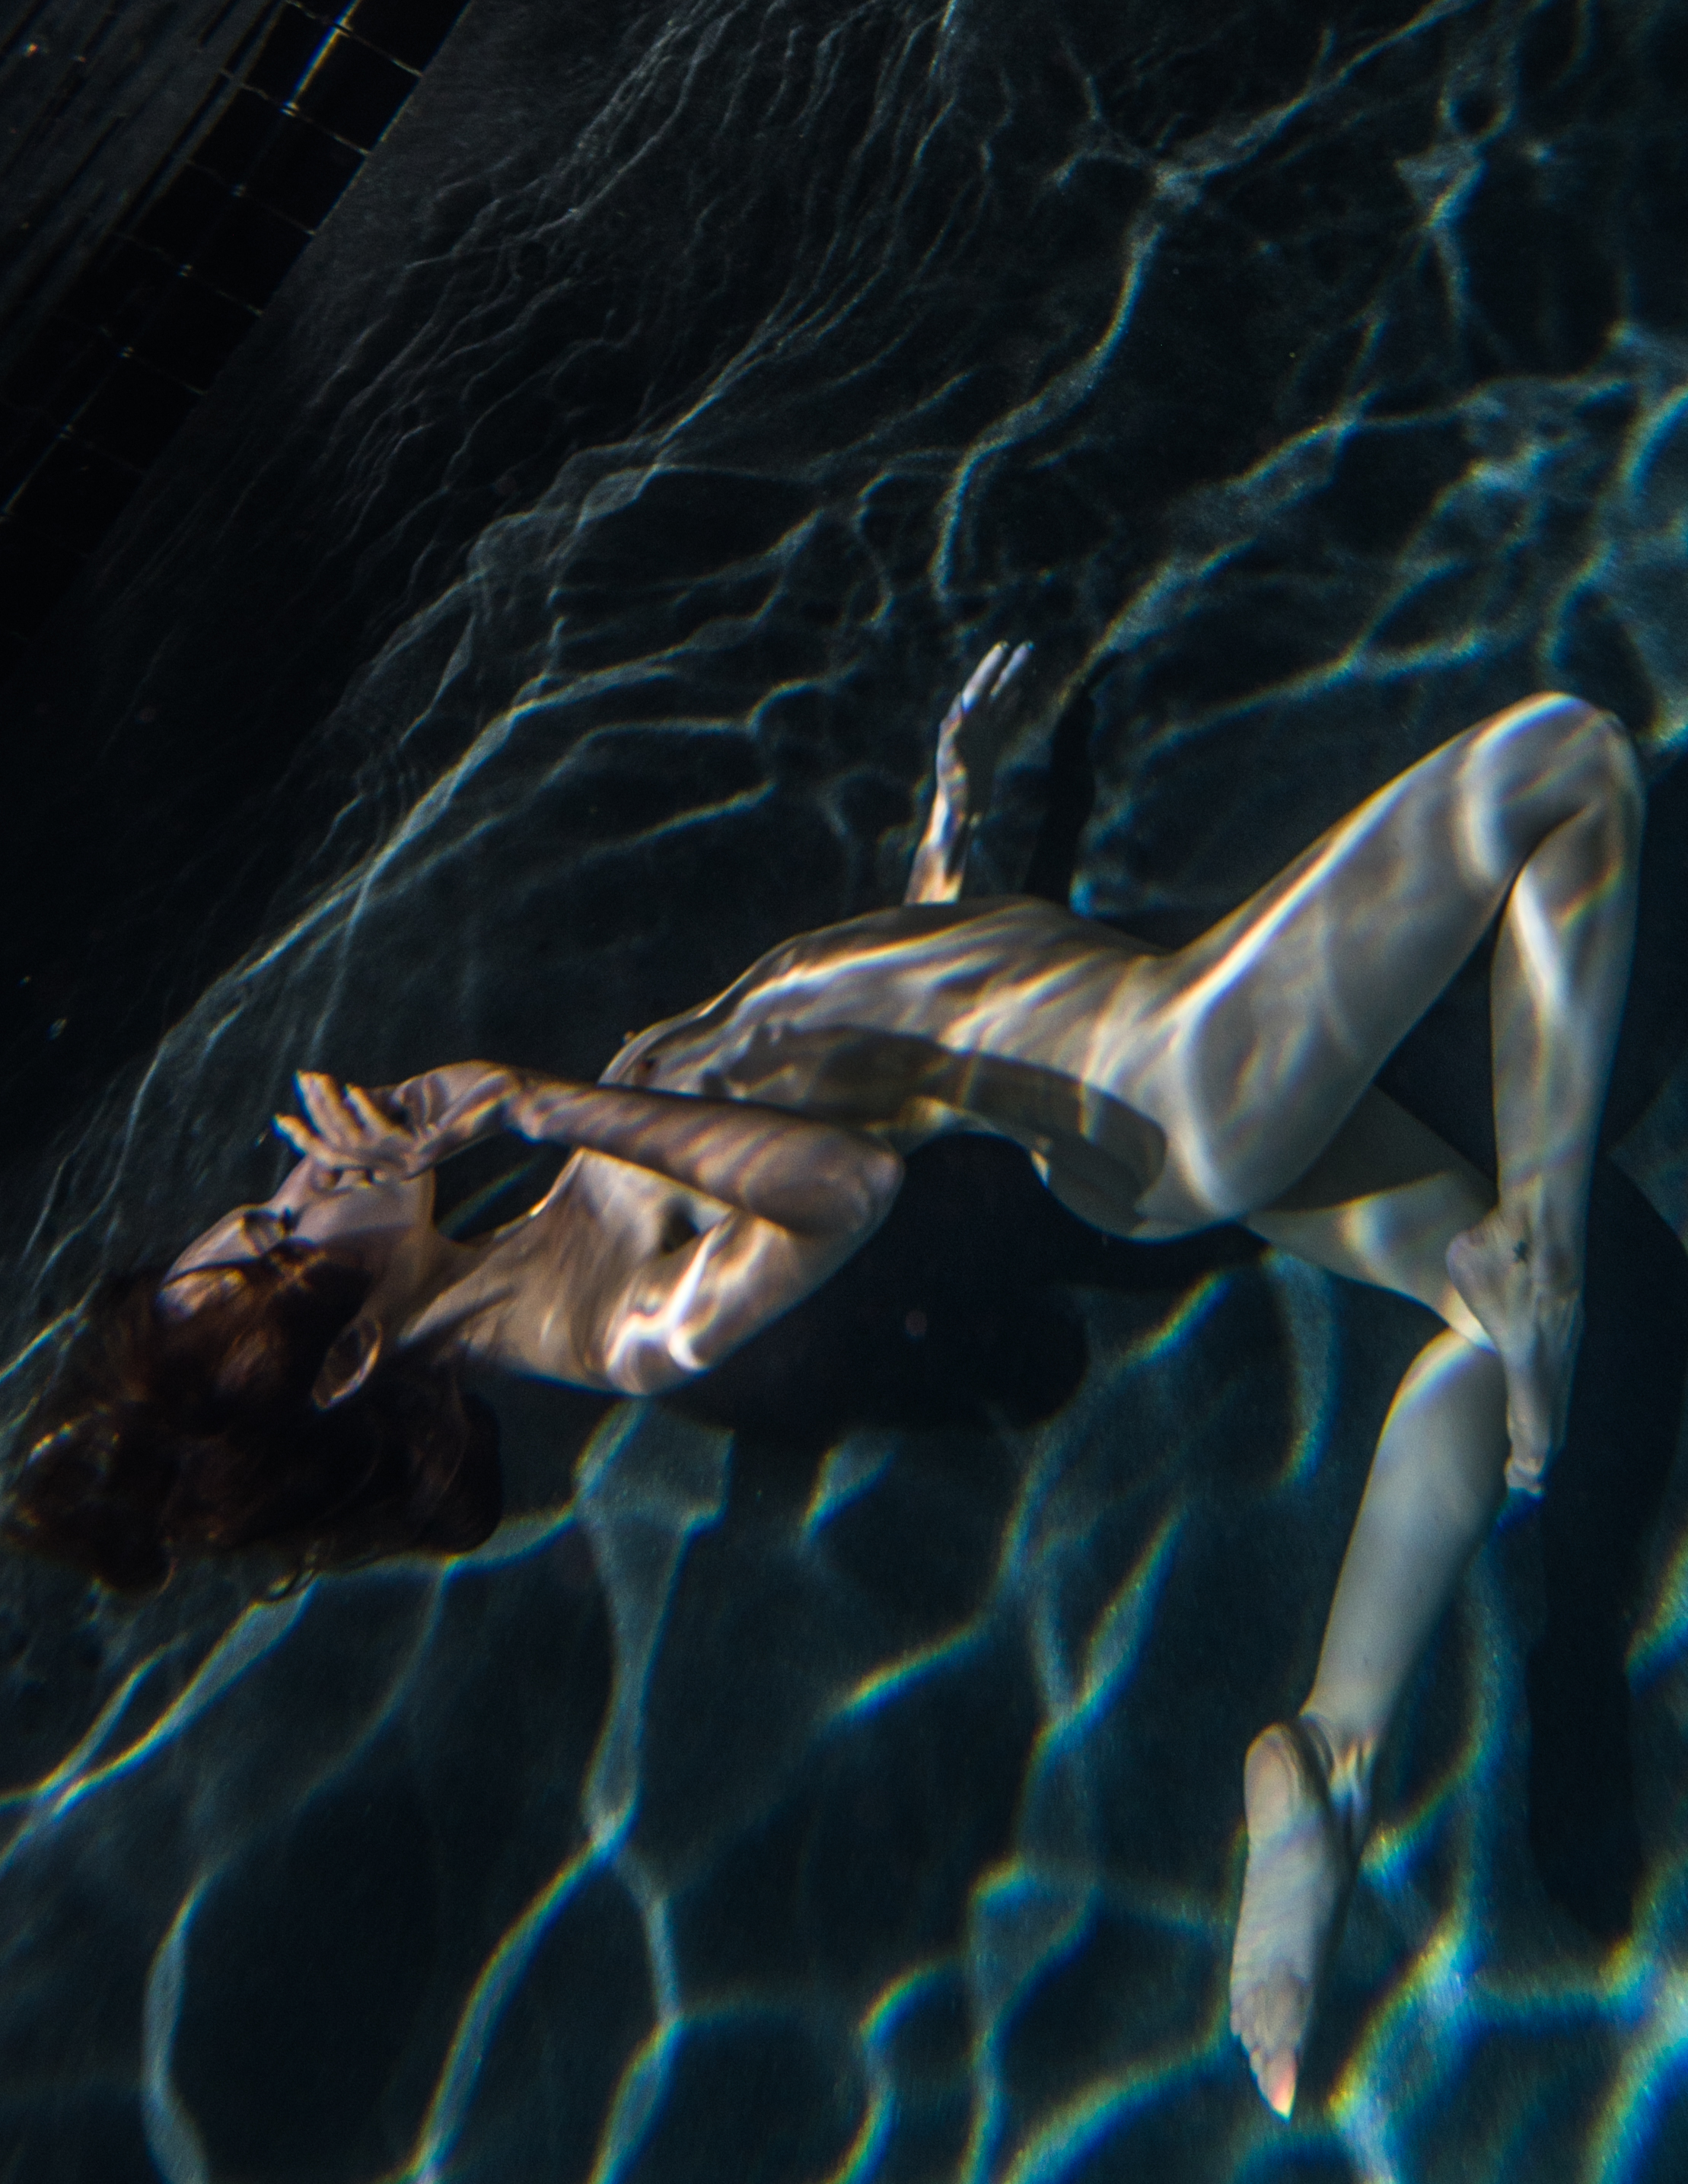 Underwater2017-2777(5).jpg